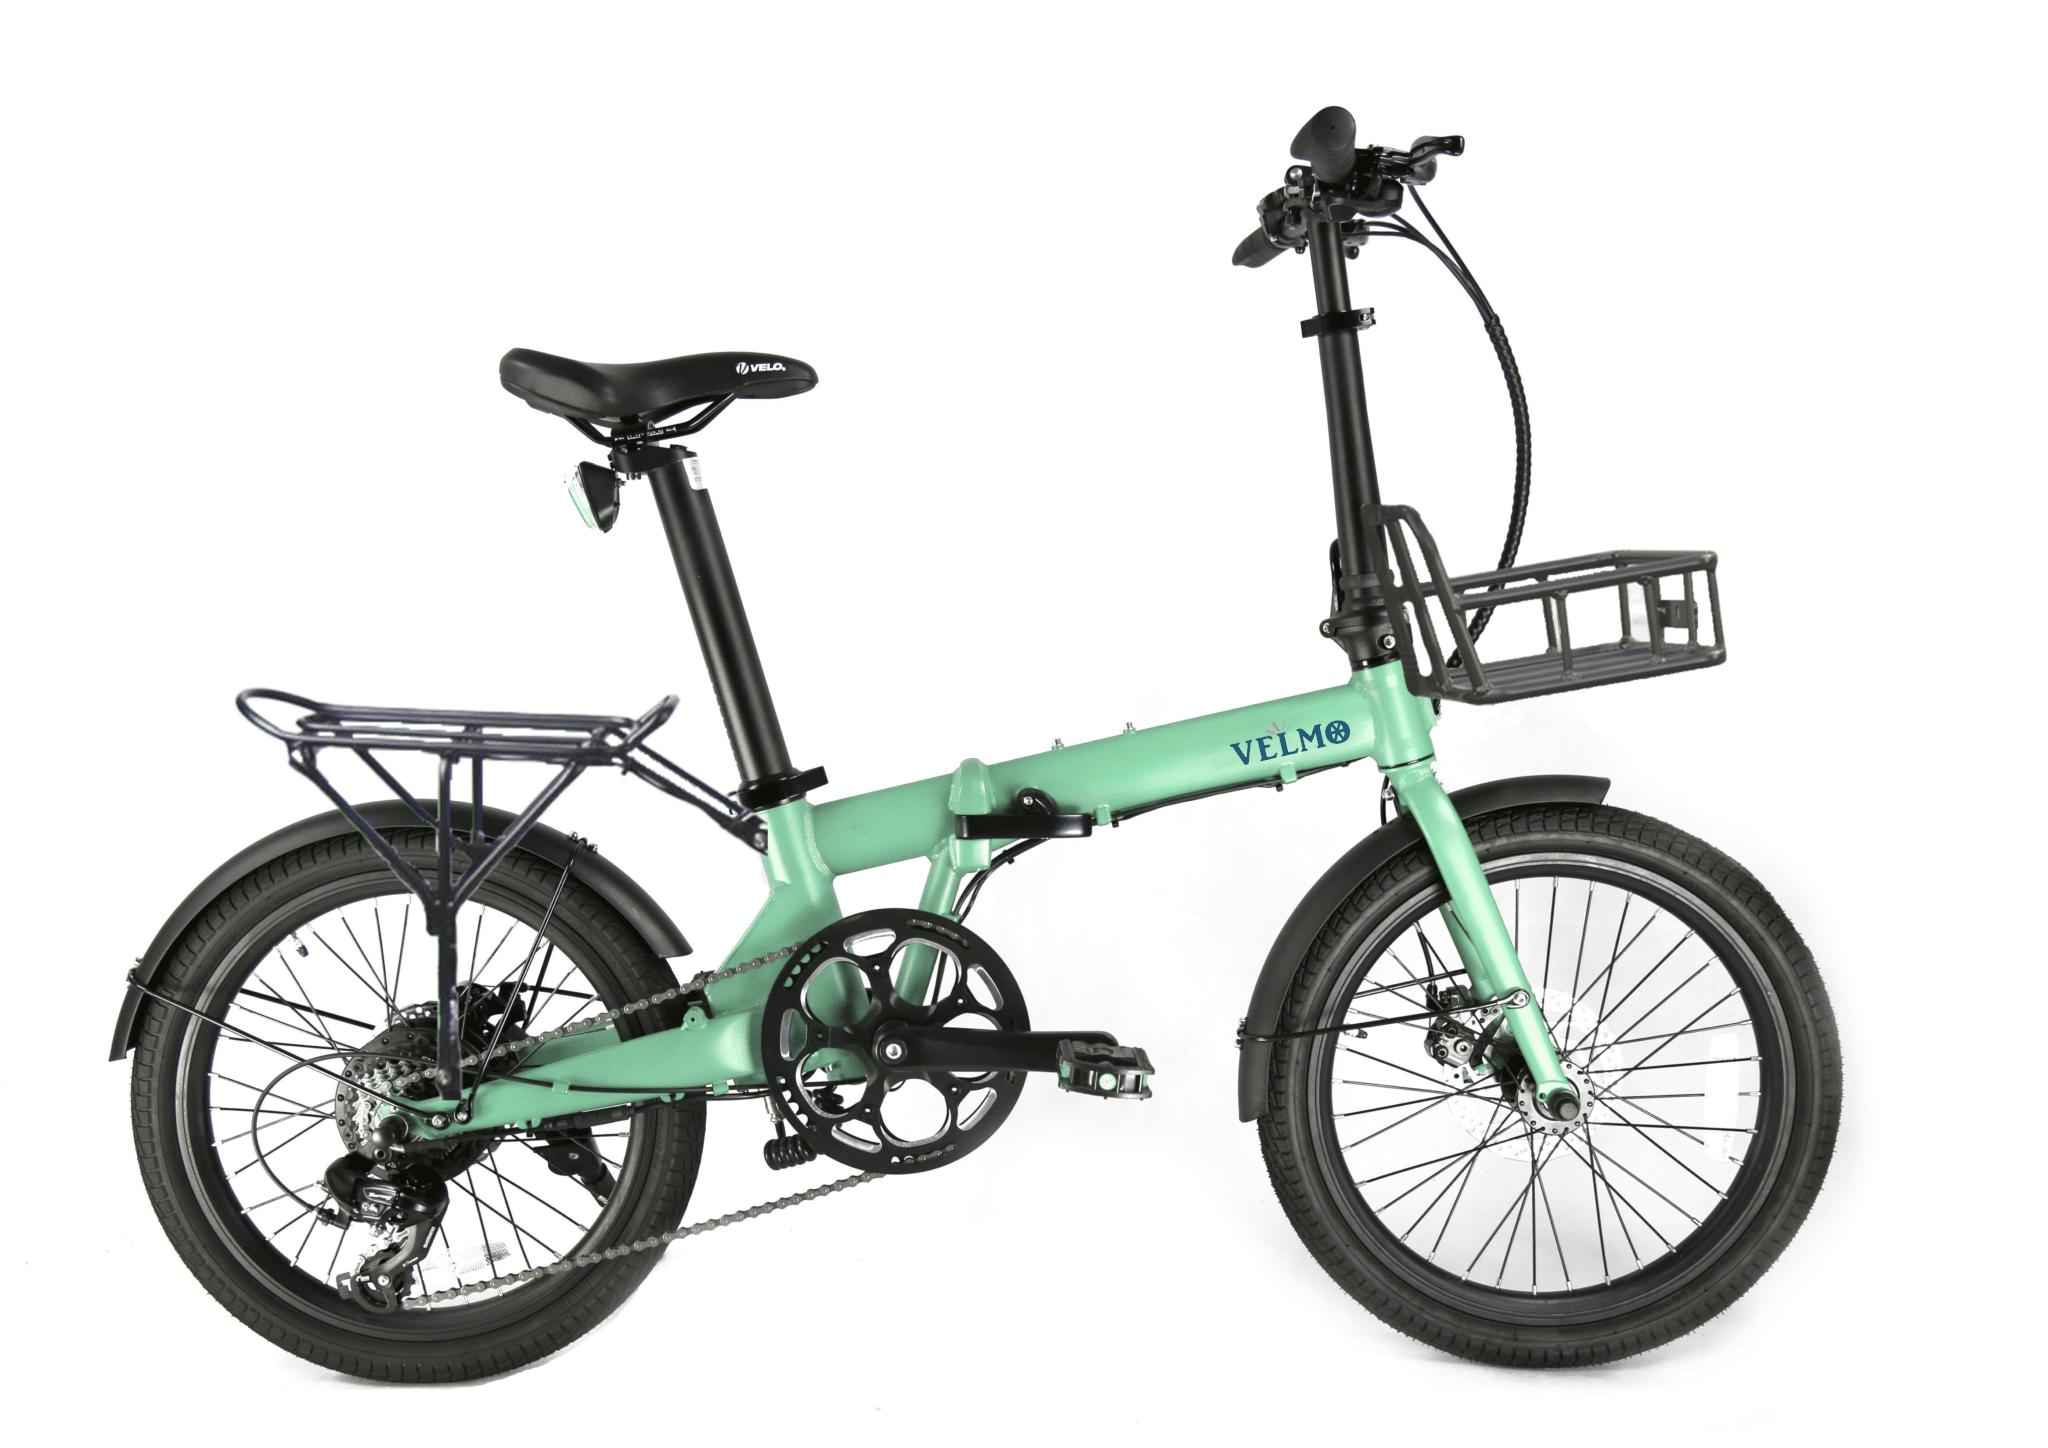 VELMO-Q2 グリーン